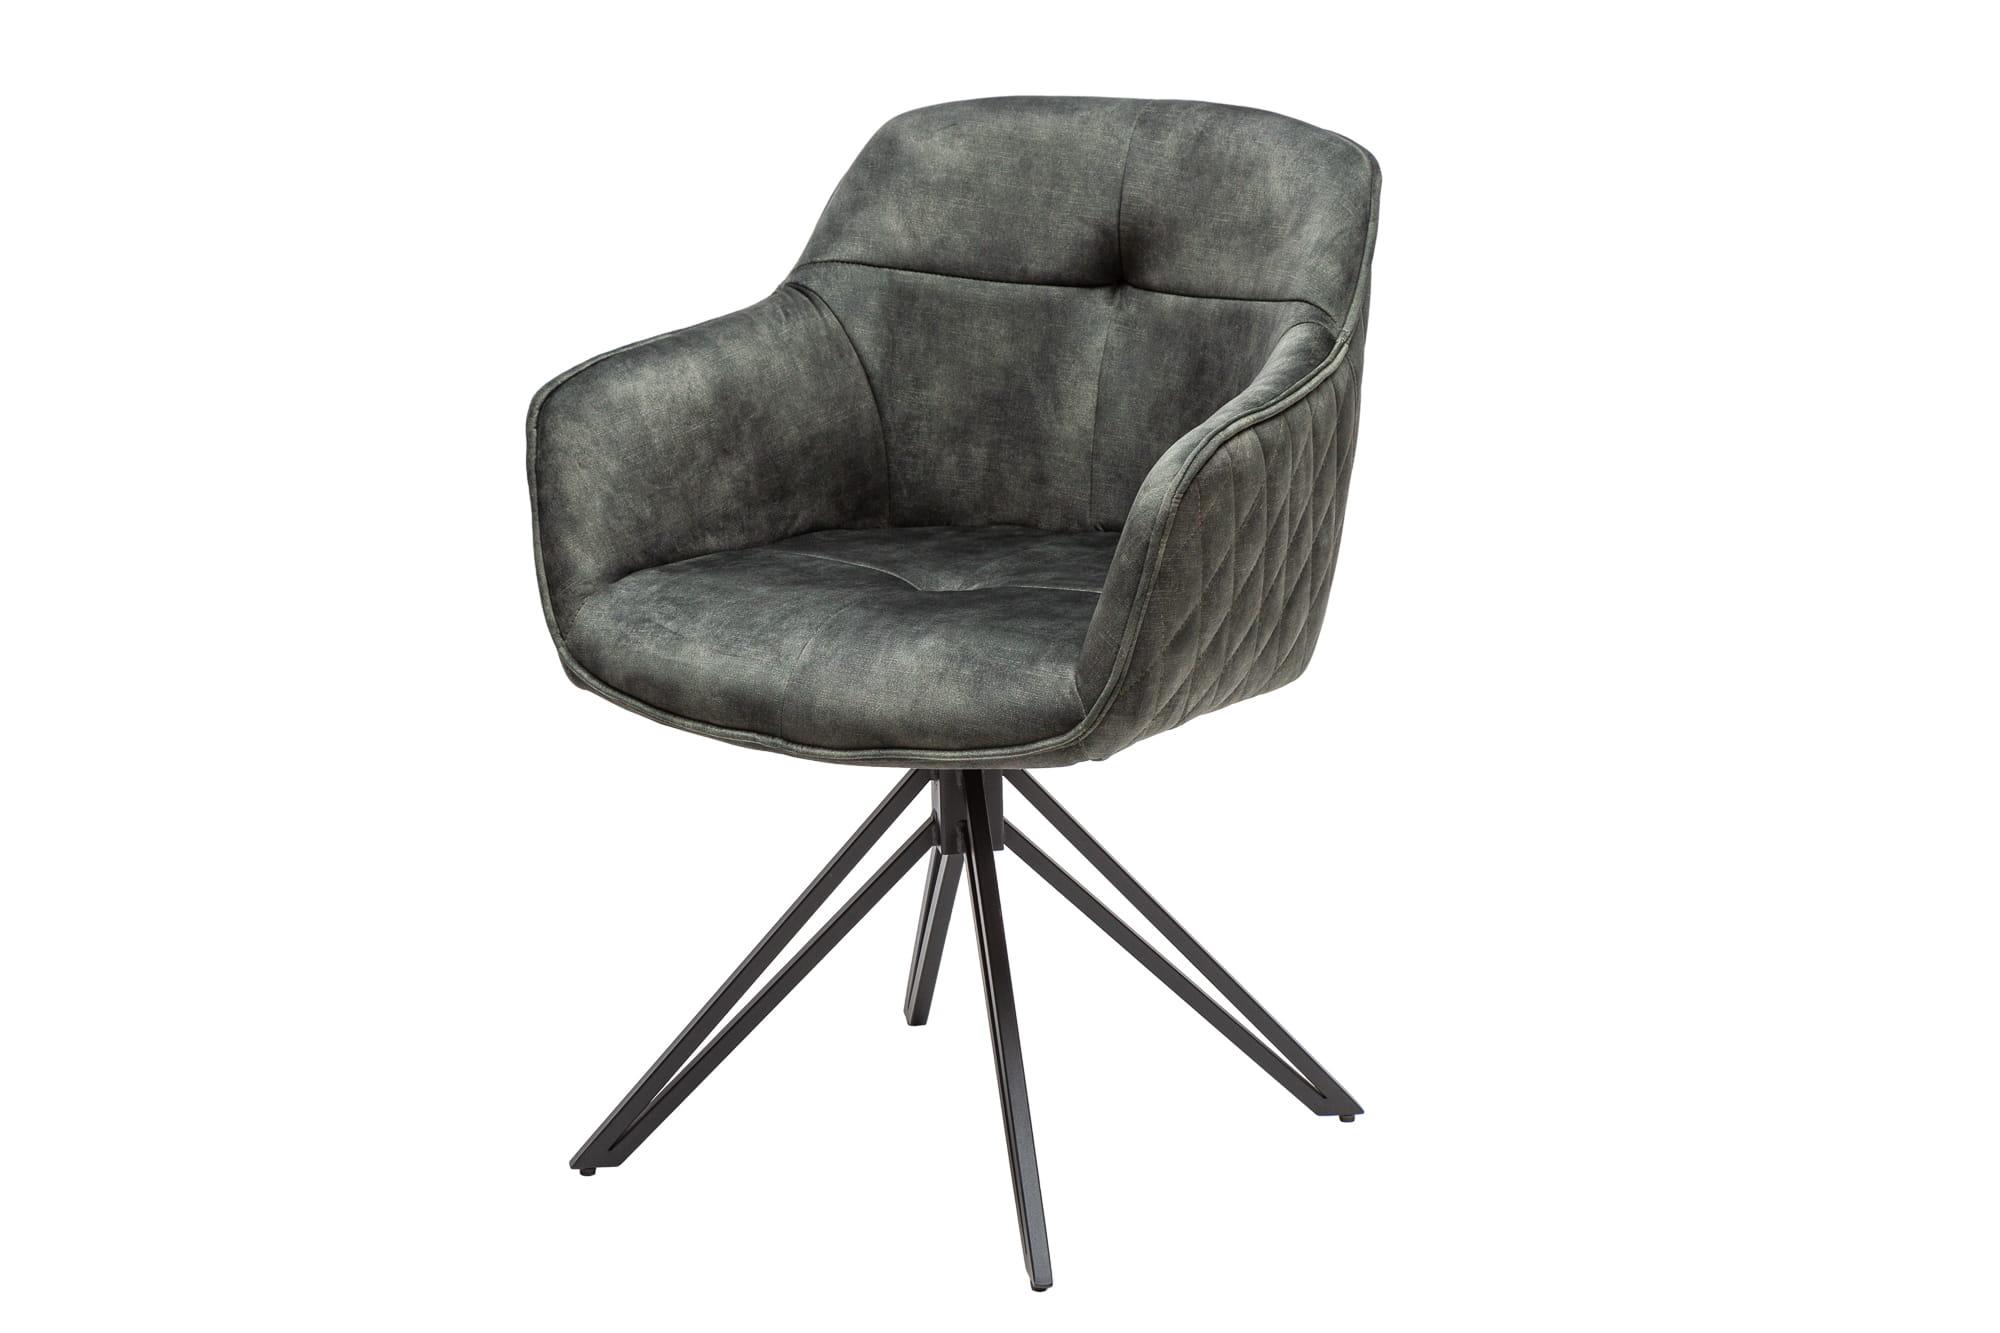 Krzesło Rio ciemny zielony